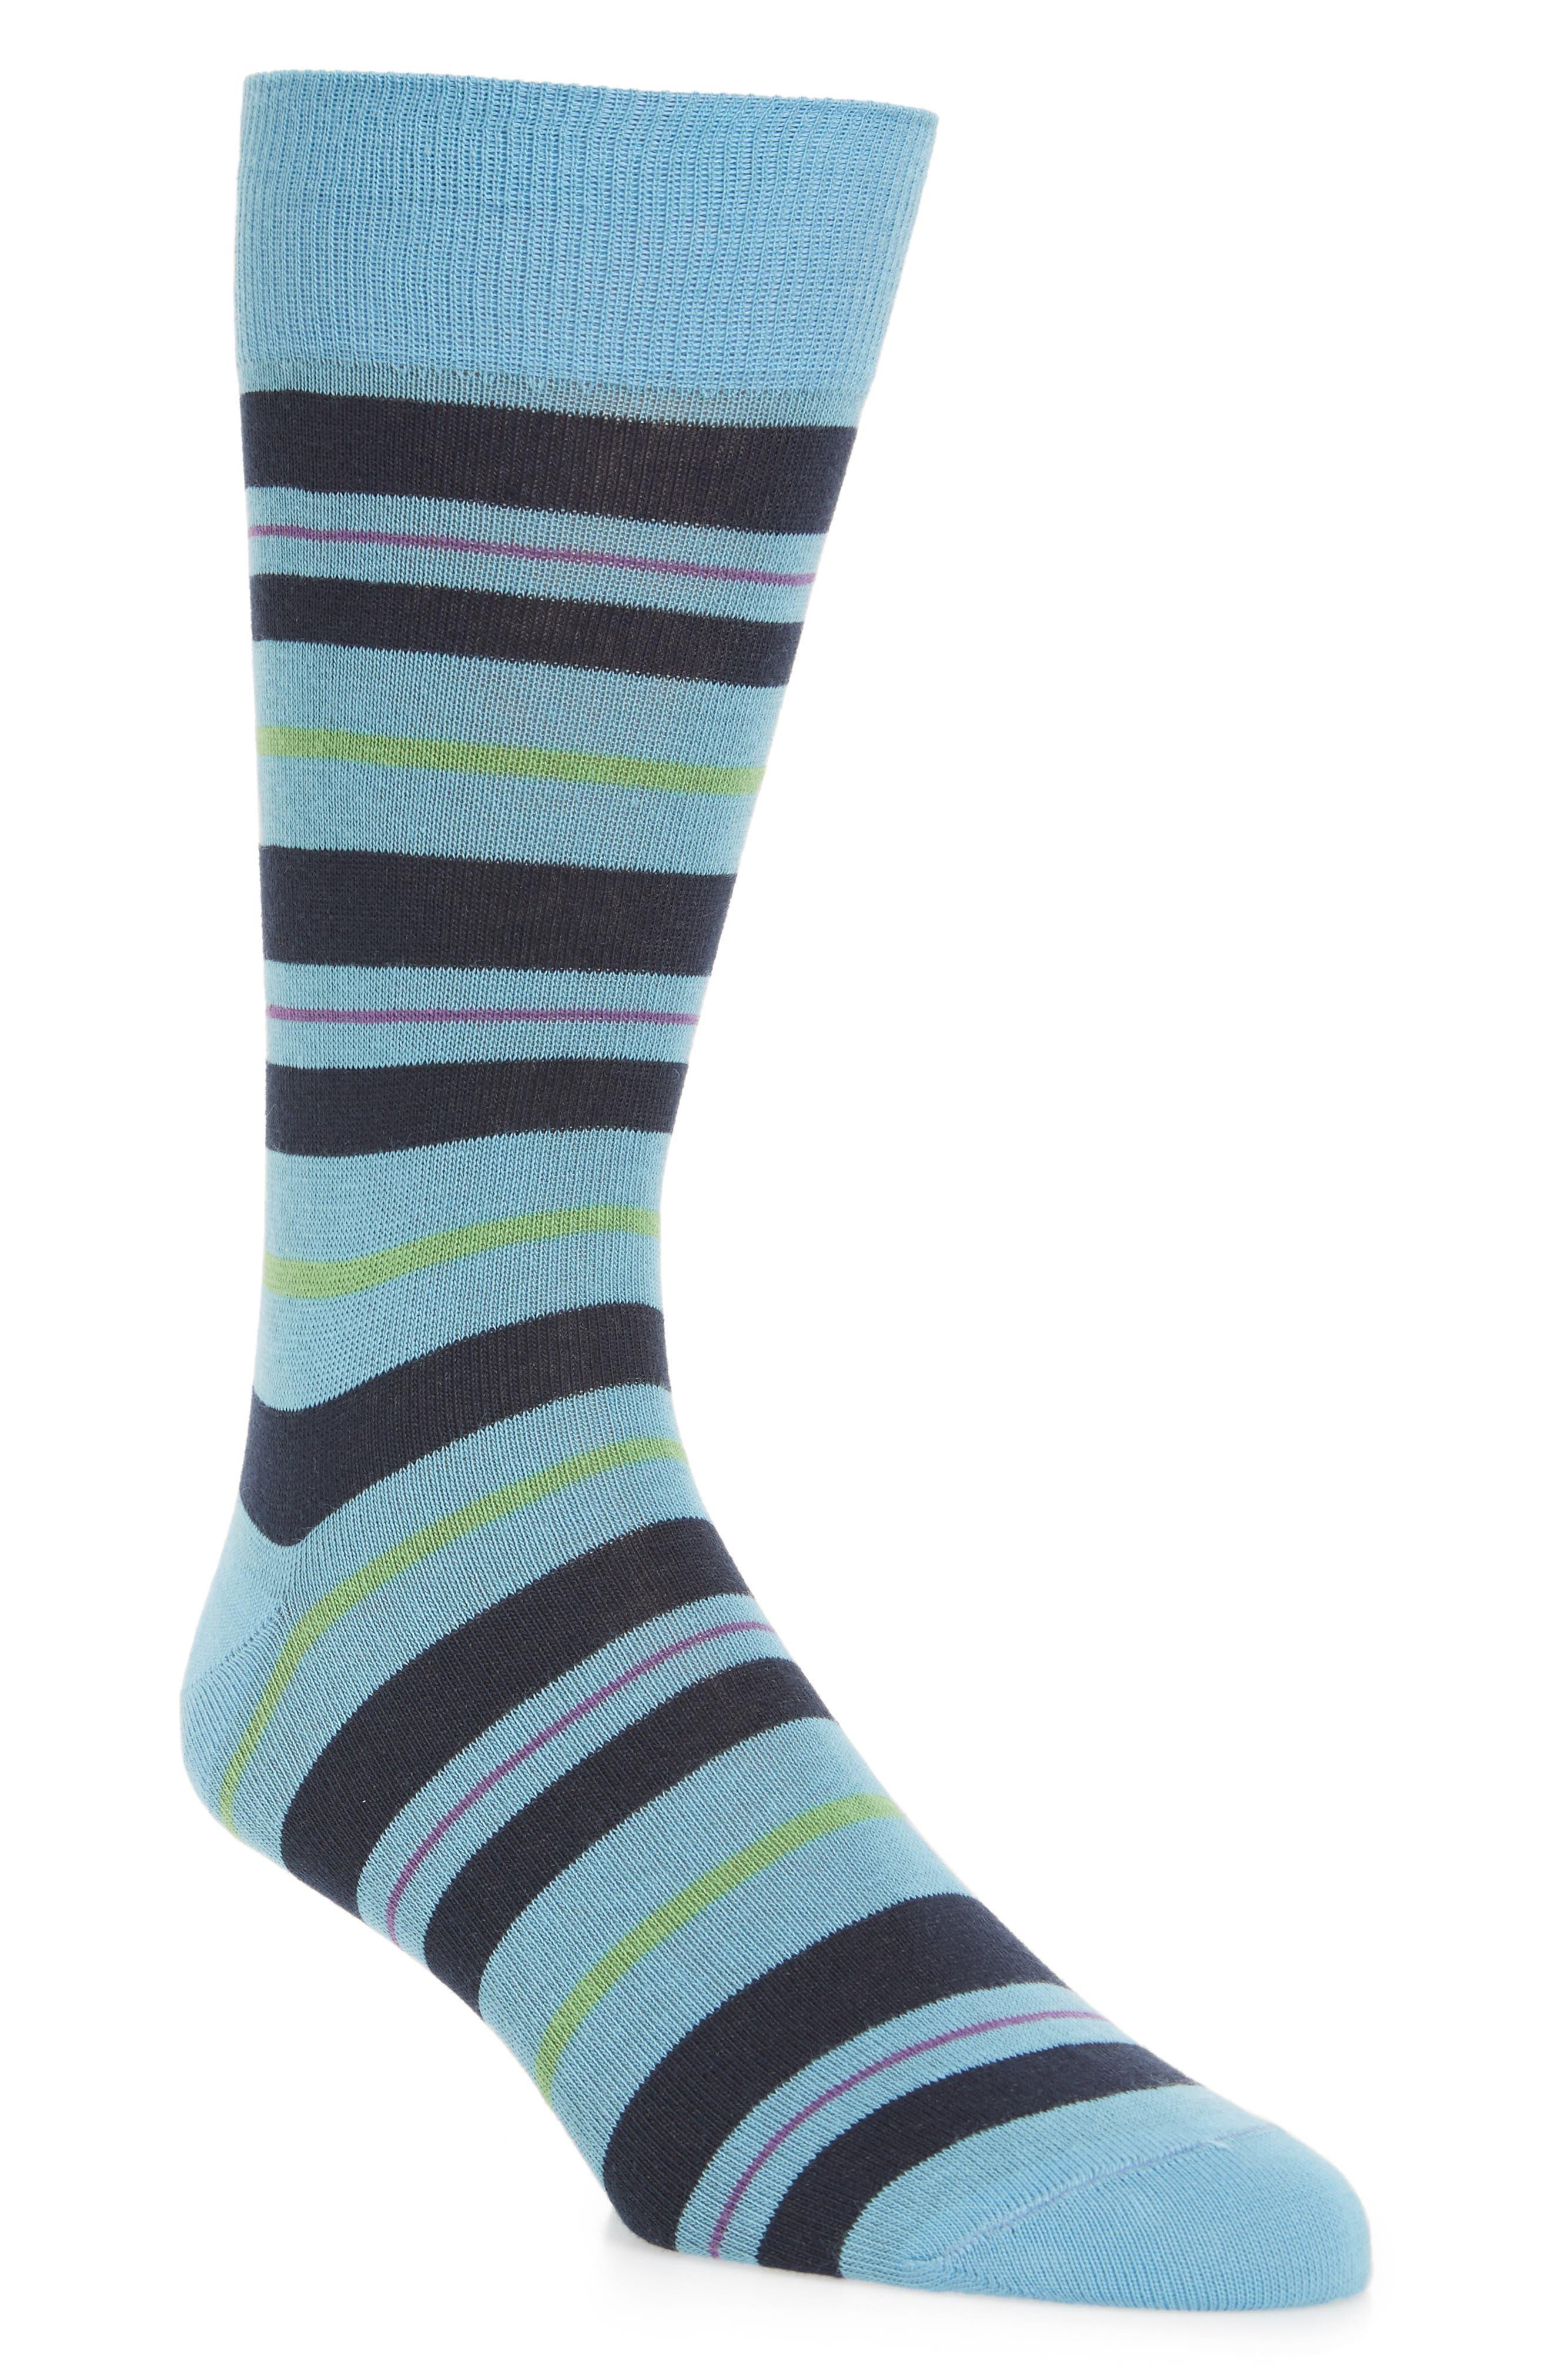 Mixed Stripe Socks,                             Main thumbnail 1, color,                             Light Blue